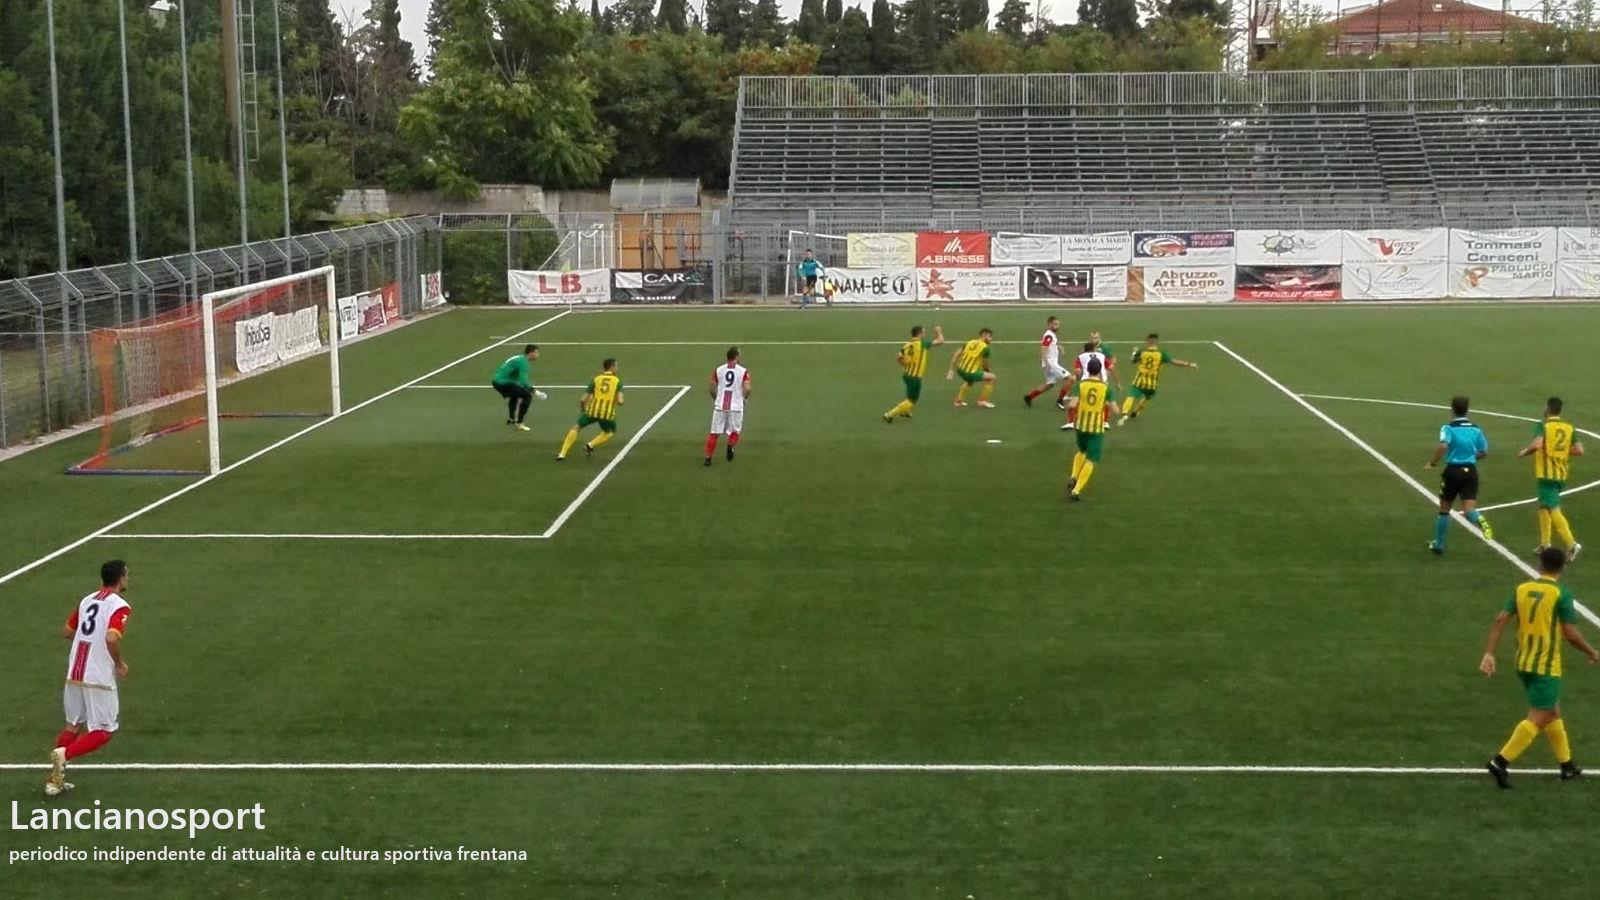 Lanciano avanti in Coppa: 2-2 a Ortona dopo il 6-2 dell'andata